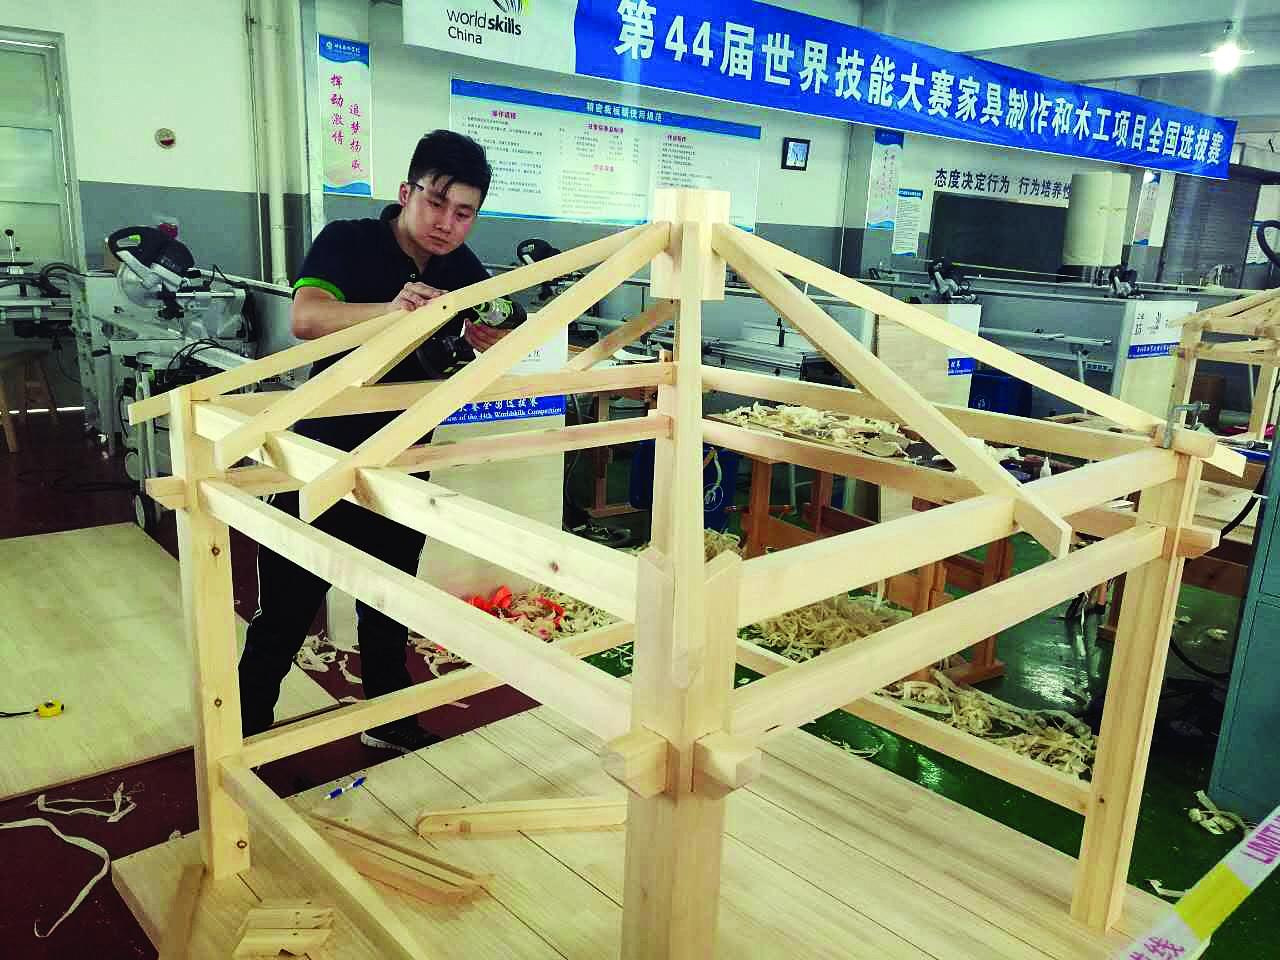 徐颜的指导老师王艳福告诉记者,徐颜此次参赛的作品是榫卯结构四